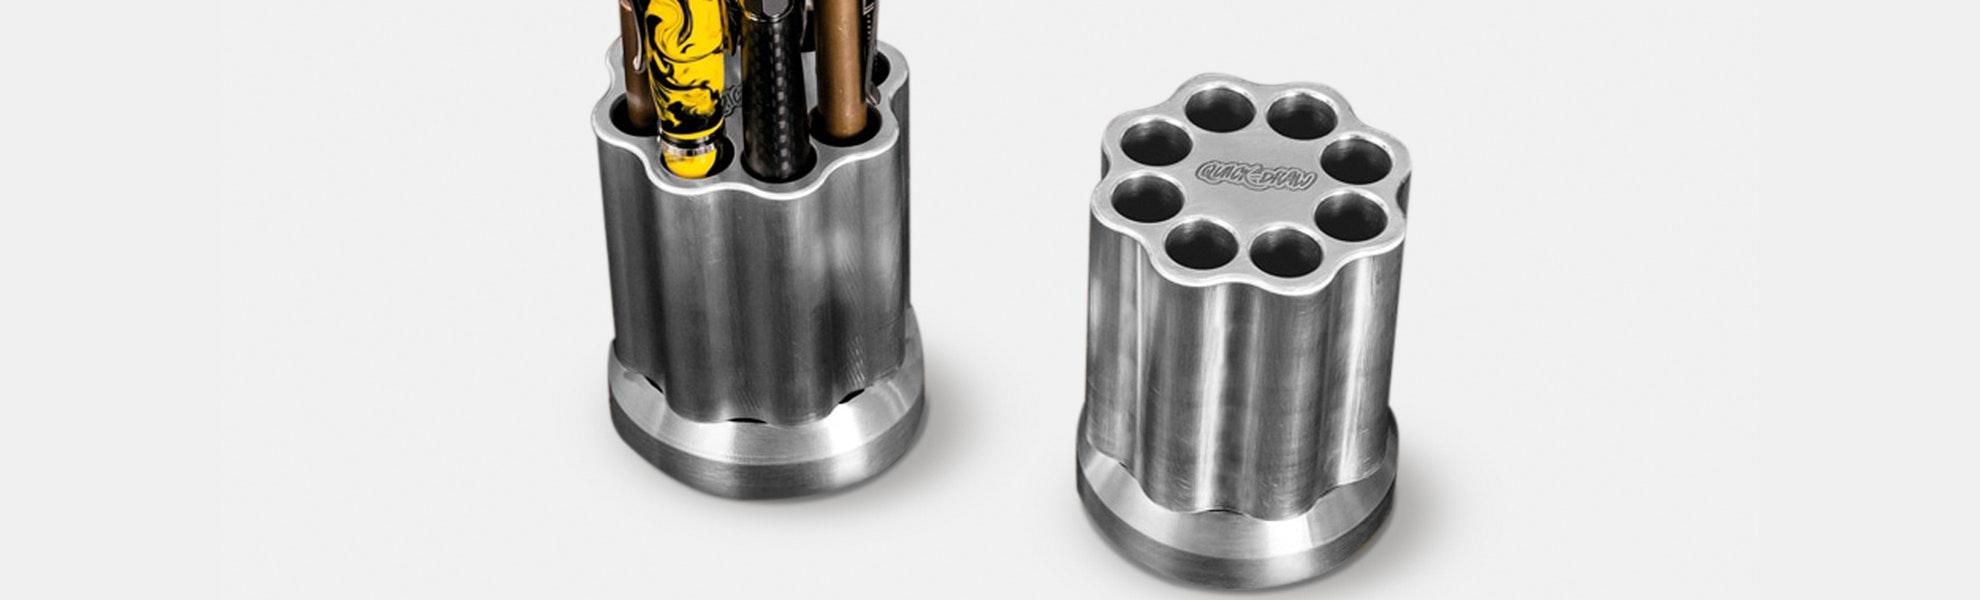 KeyBar Quick-Draw Revolving Pen Holder